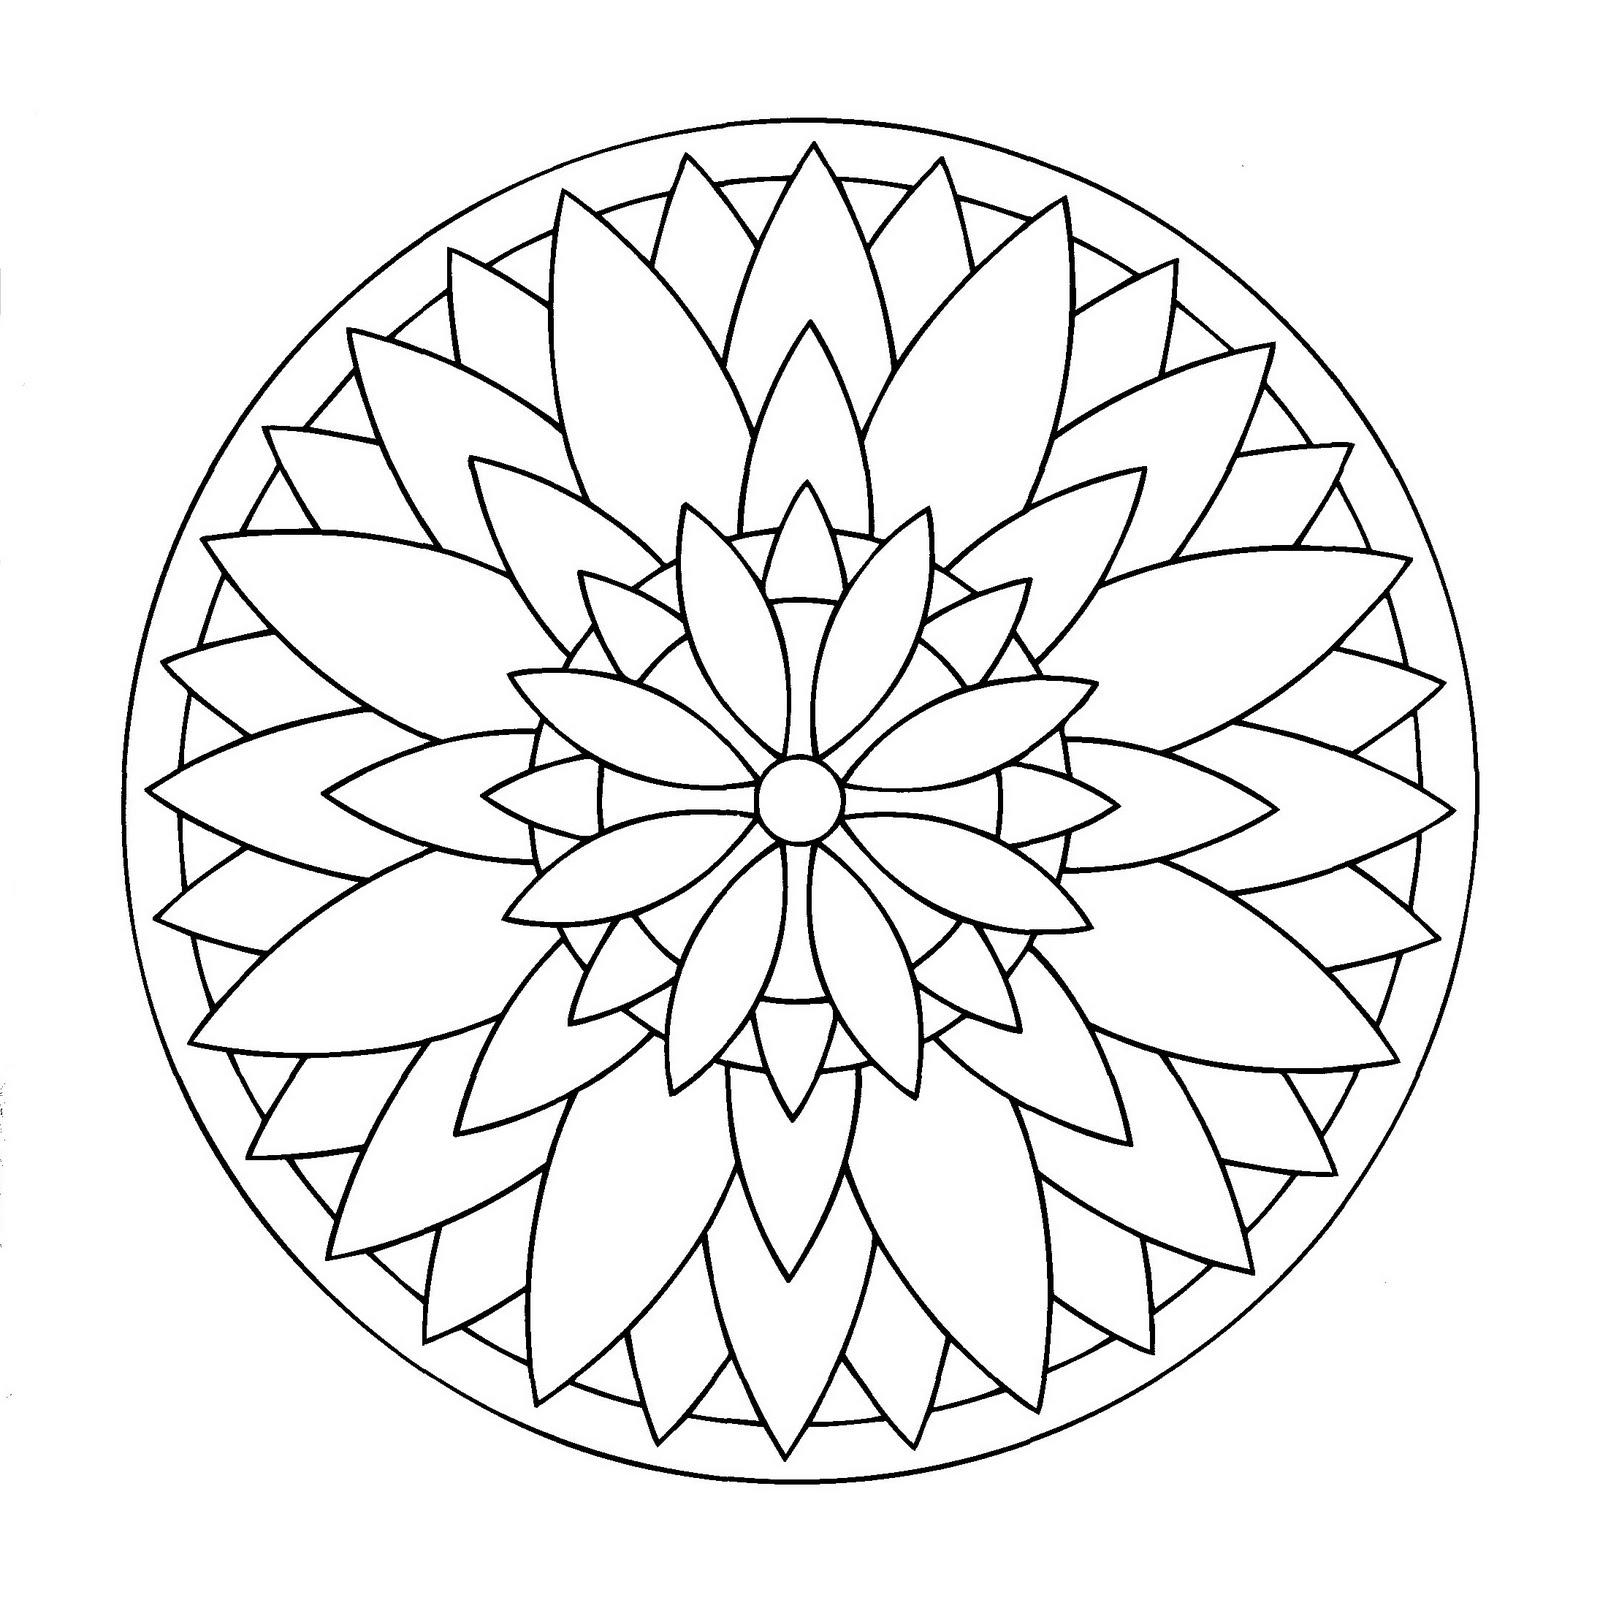 Coloriage Mandala Facile A Imprimer.Mandala Etoile Mandalas Faciles Pour Enfants 100 Mandalas Zen